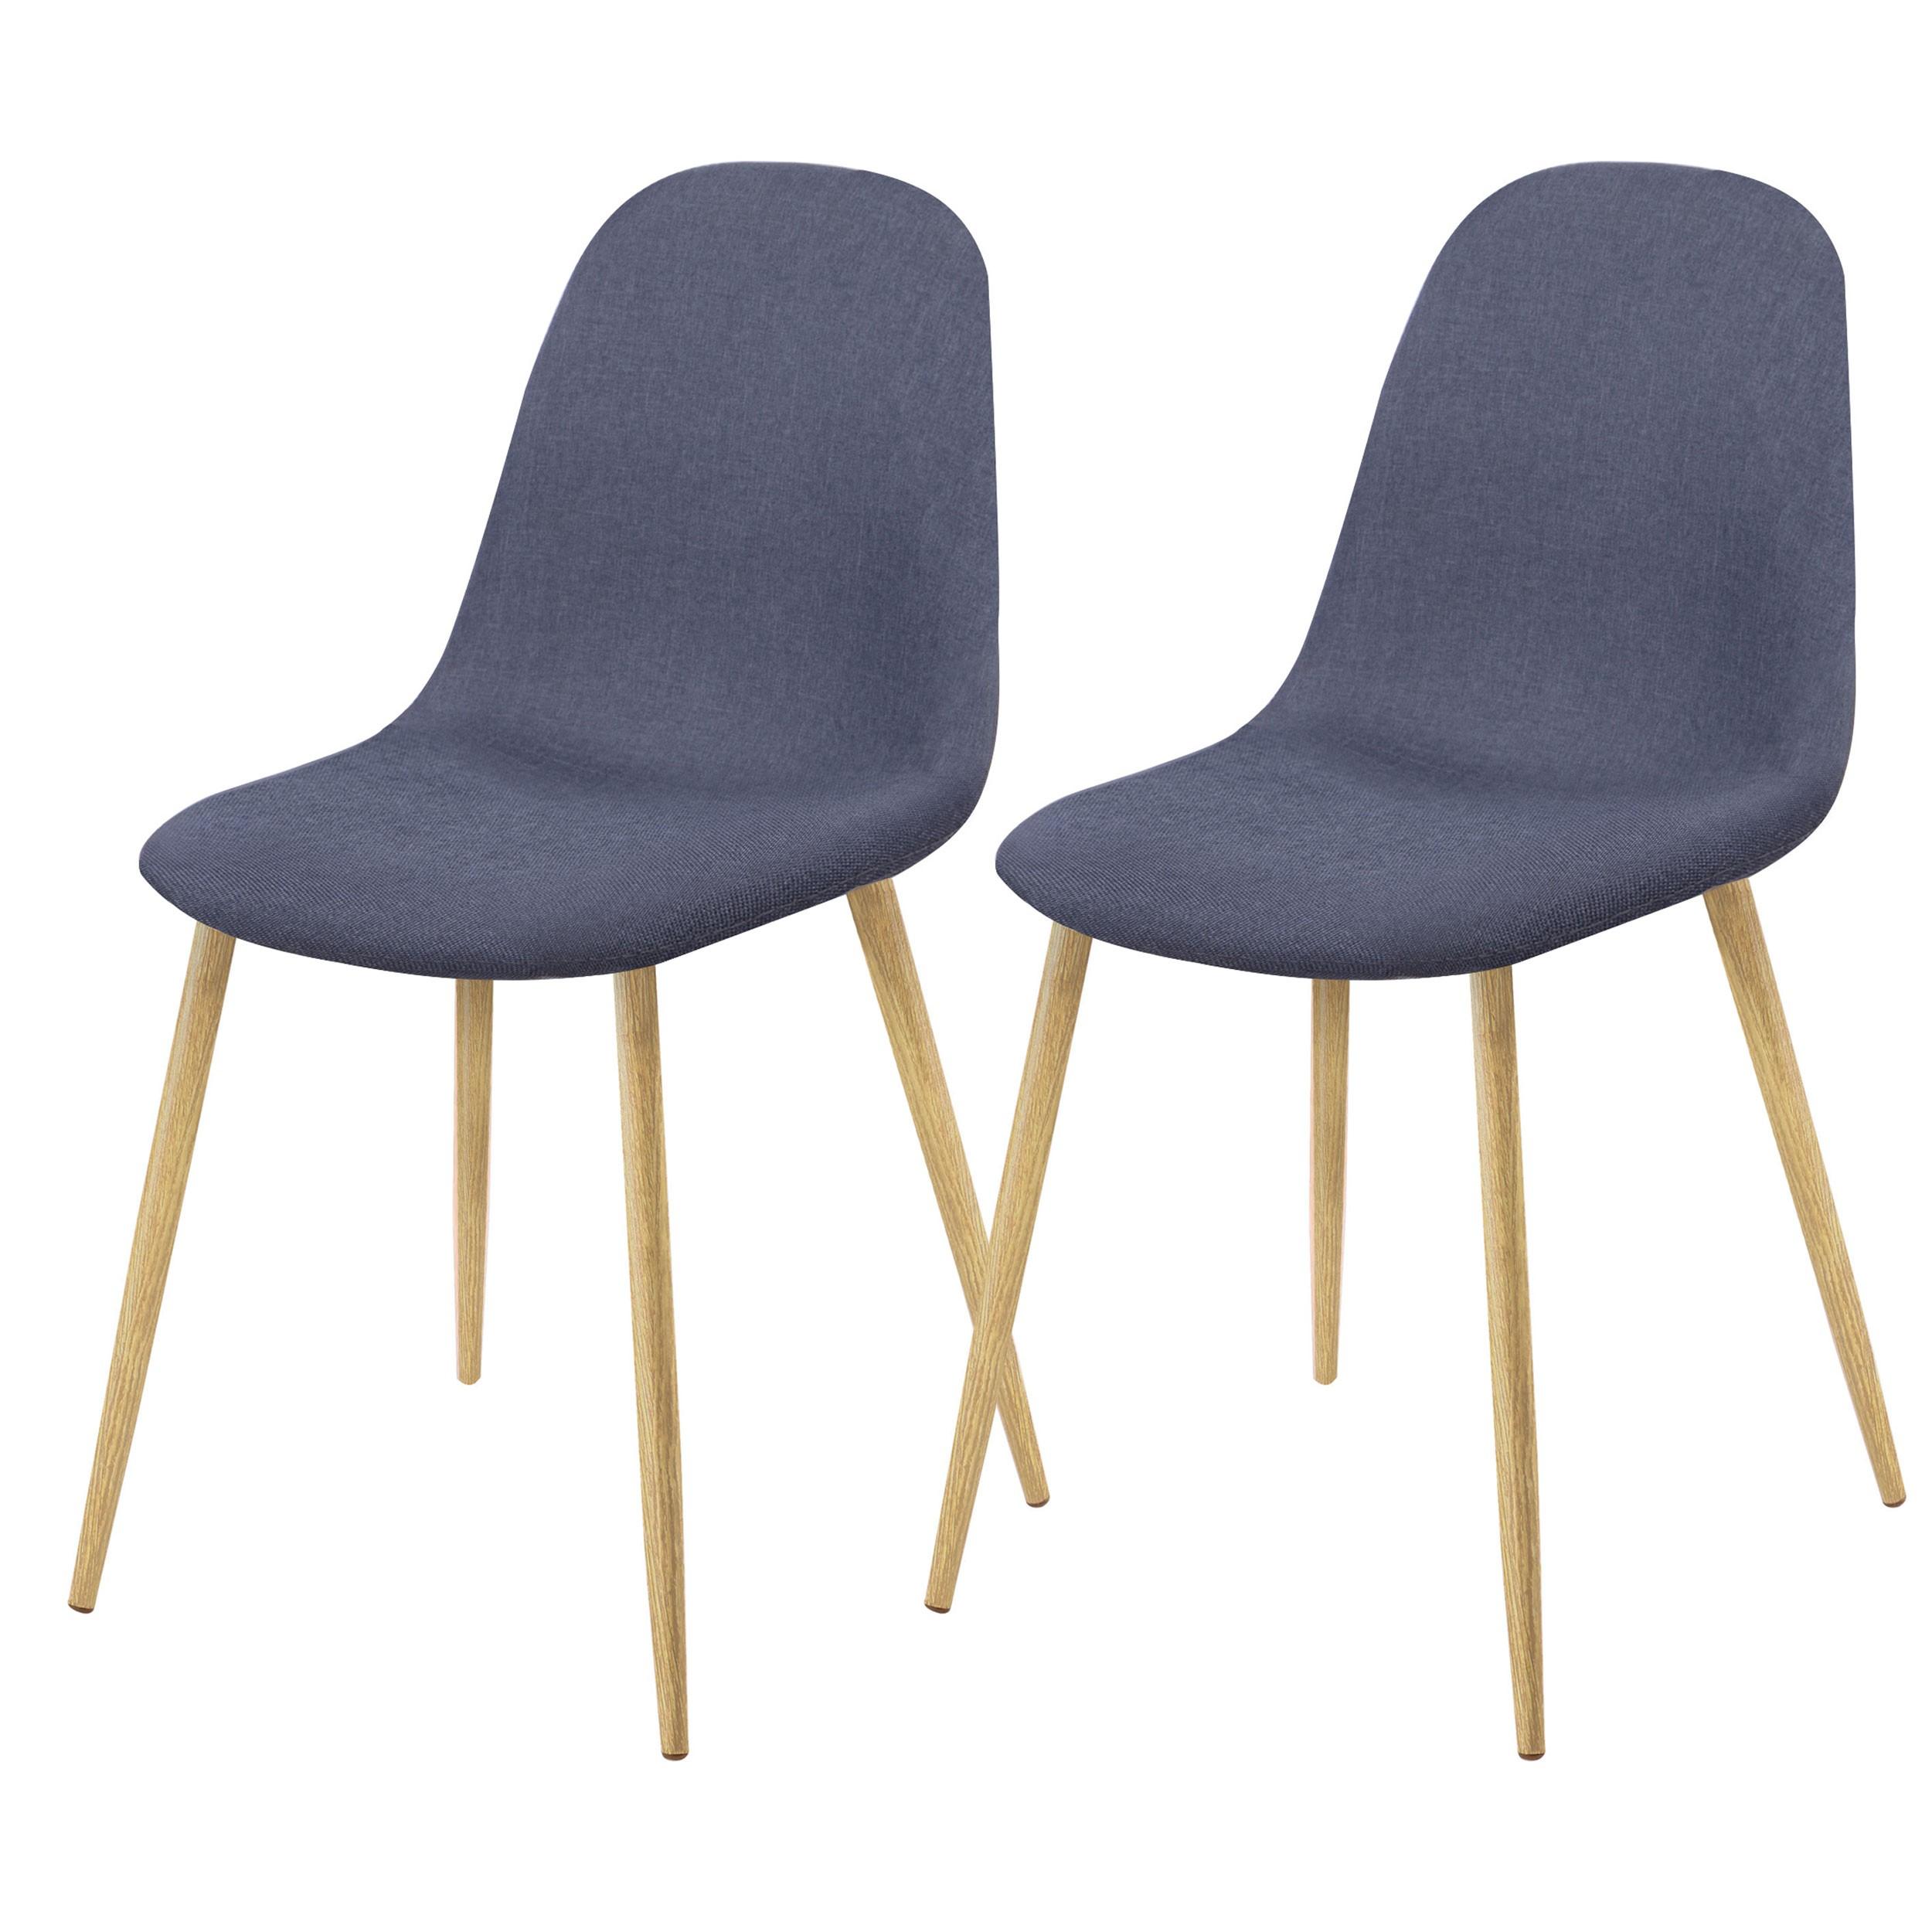 lot de 2 chaises en tissu bleues confortables scandinaves - Chaise Scandinave Bleu